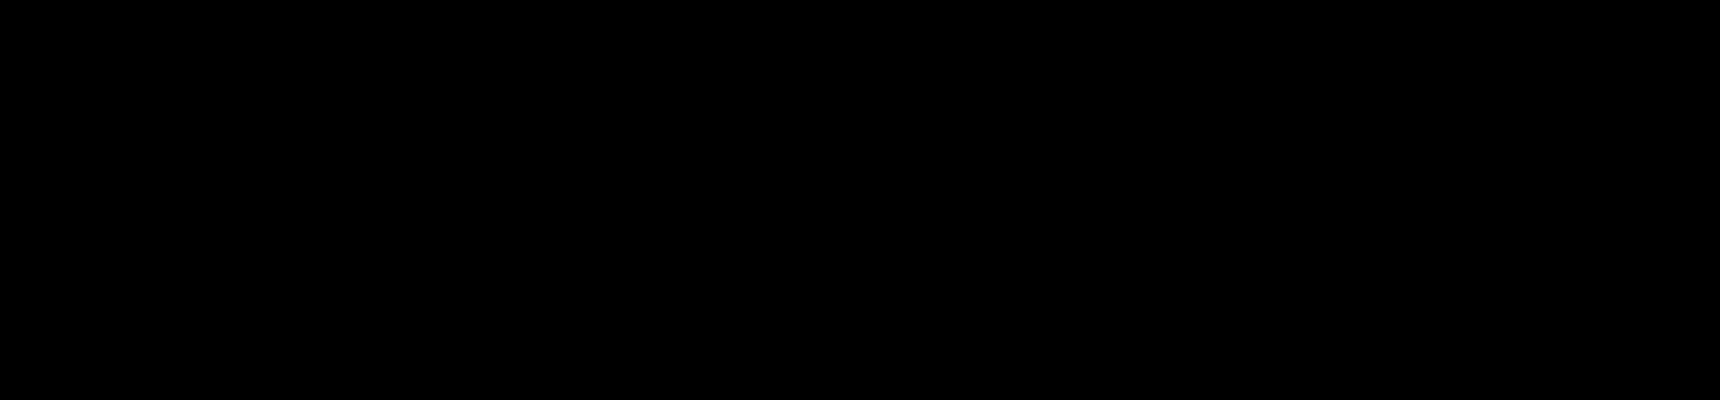 MoeBi